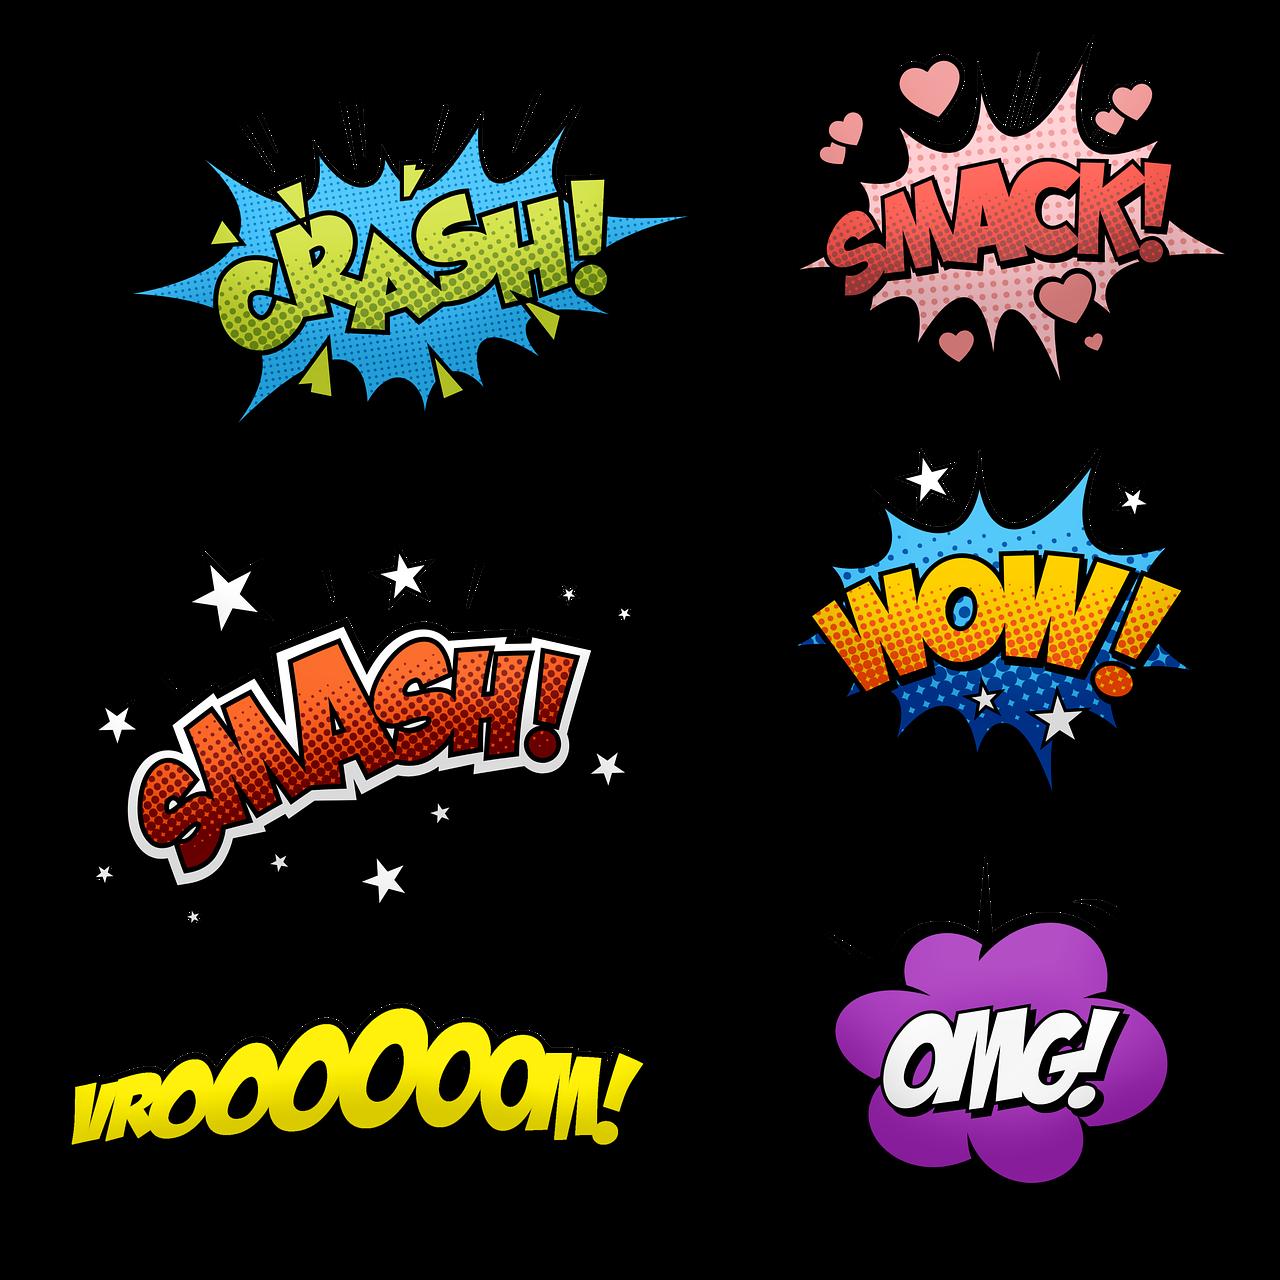 grafica con scritte di esclamazioni di fumetti